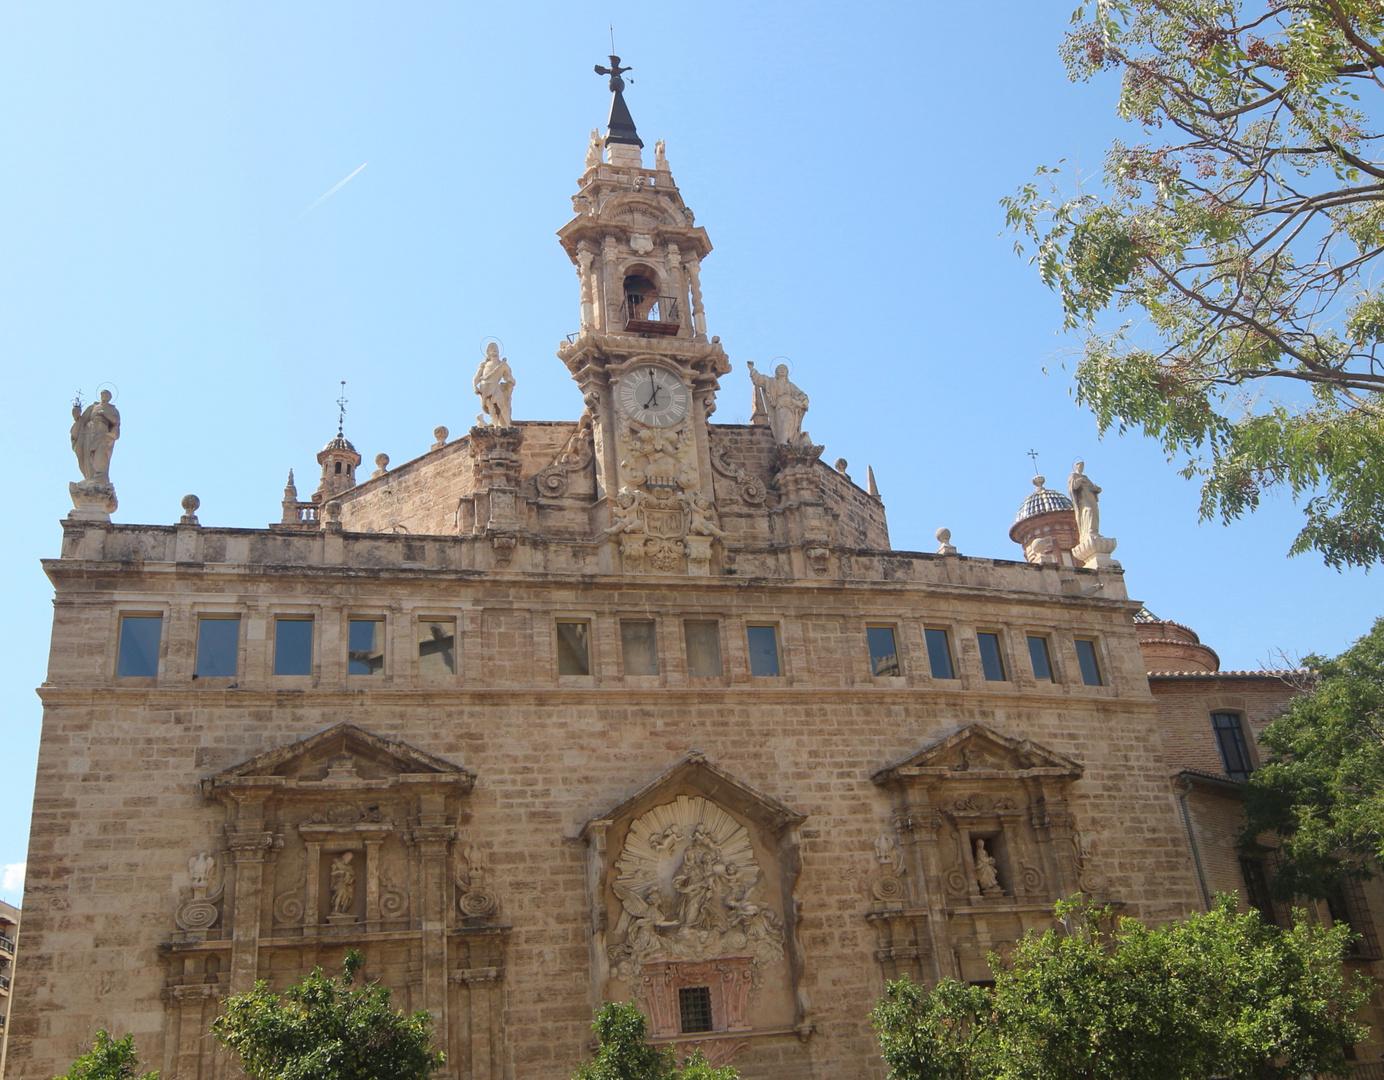 La Iglesia de los Santos Juane in Plaza Mercado Valencia